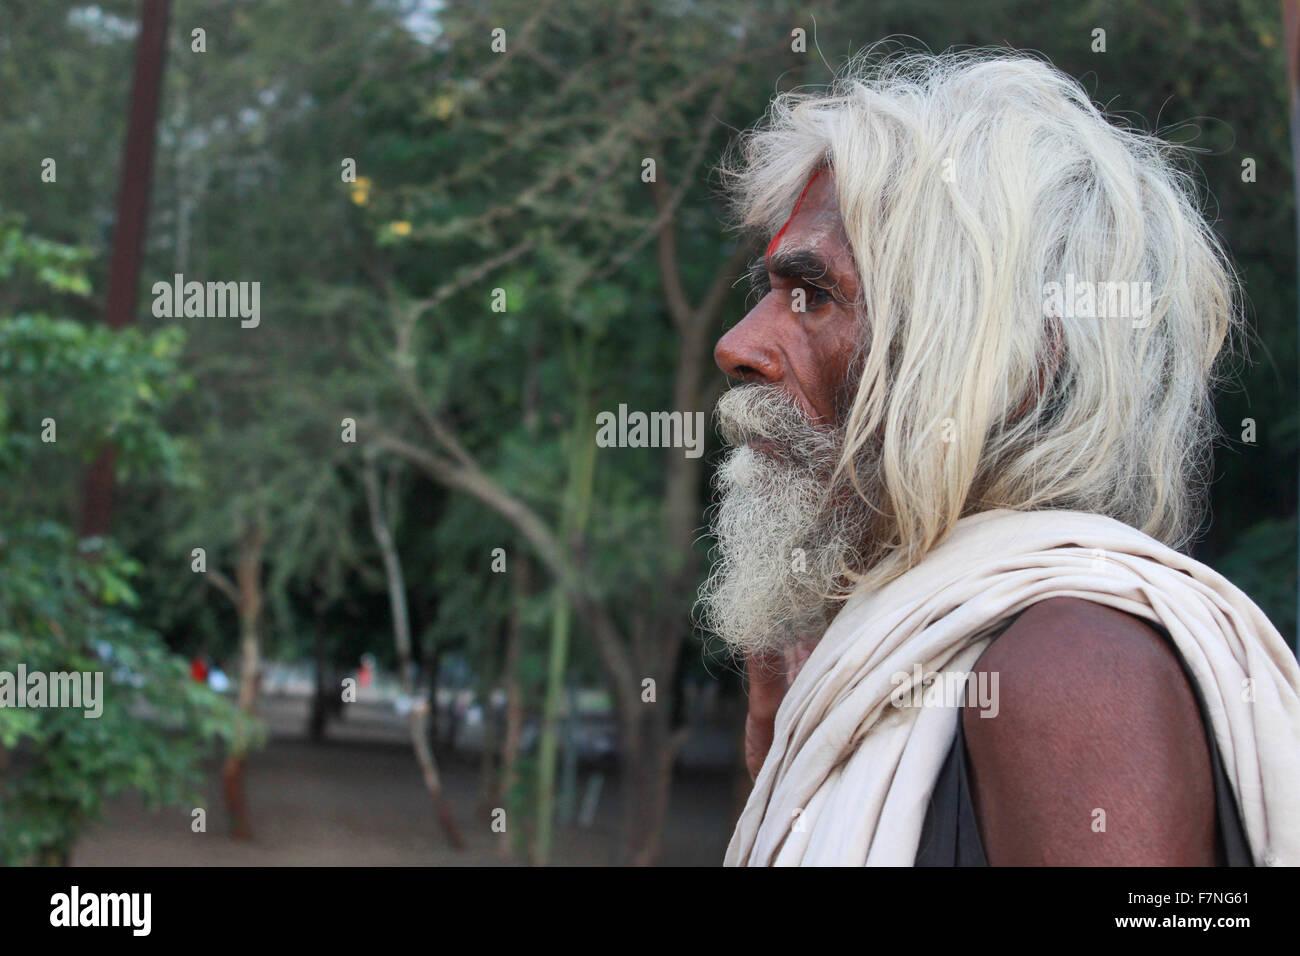 White hair Sadhu Kumbh Mela, Nasik, Maharashtra, India - Stock Image